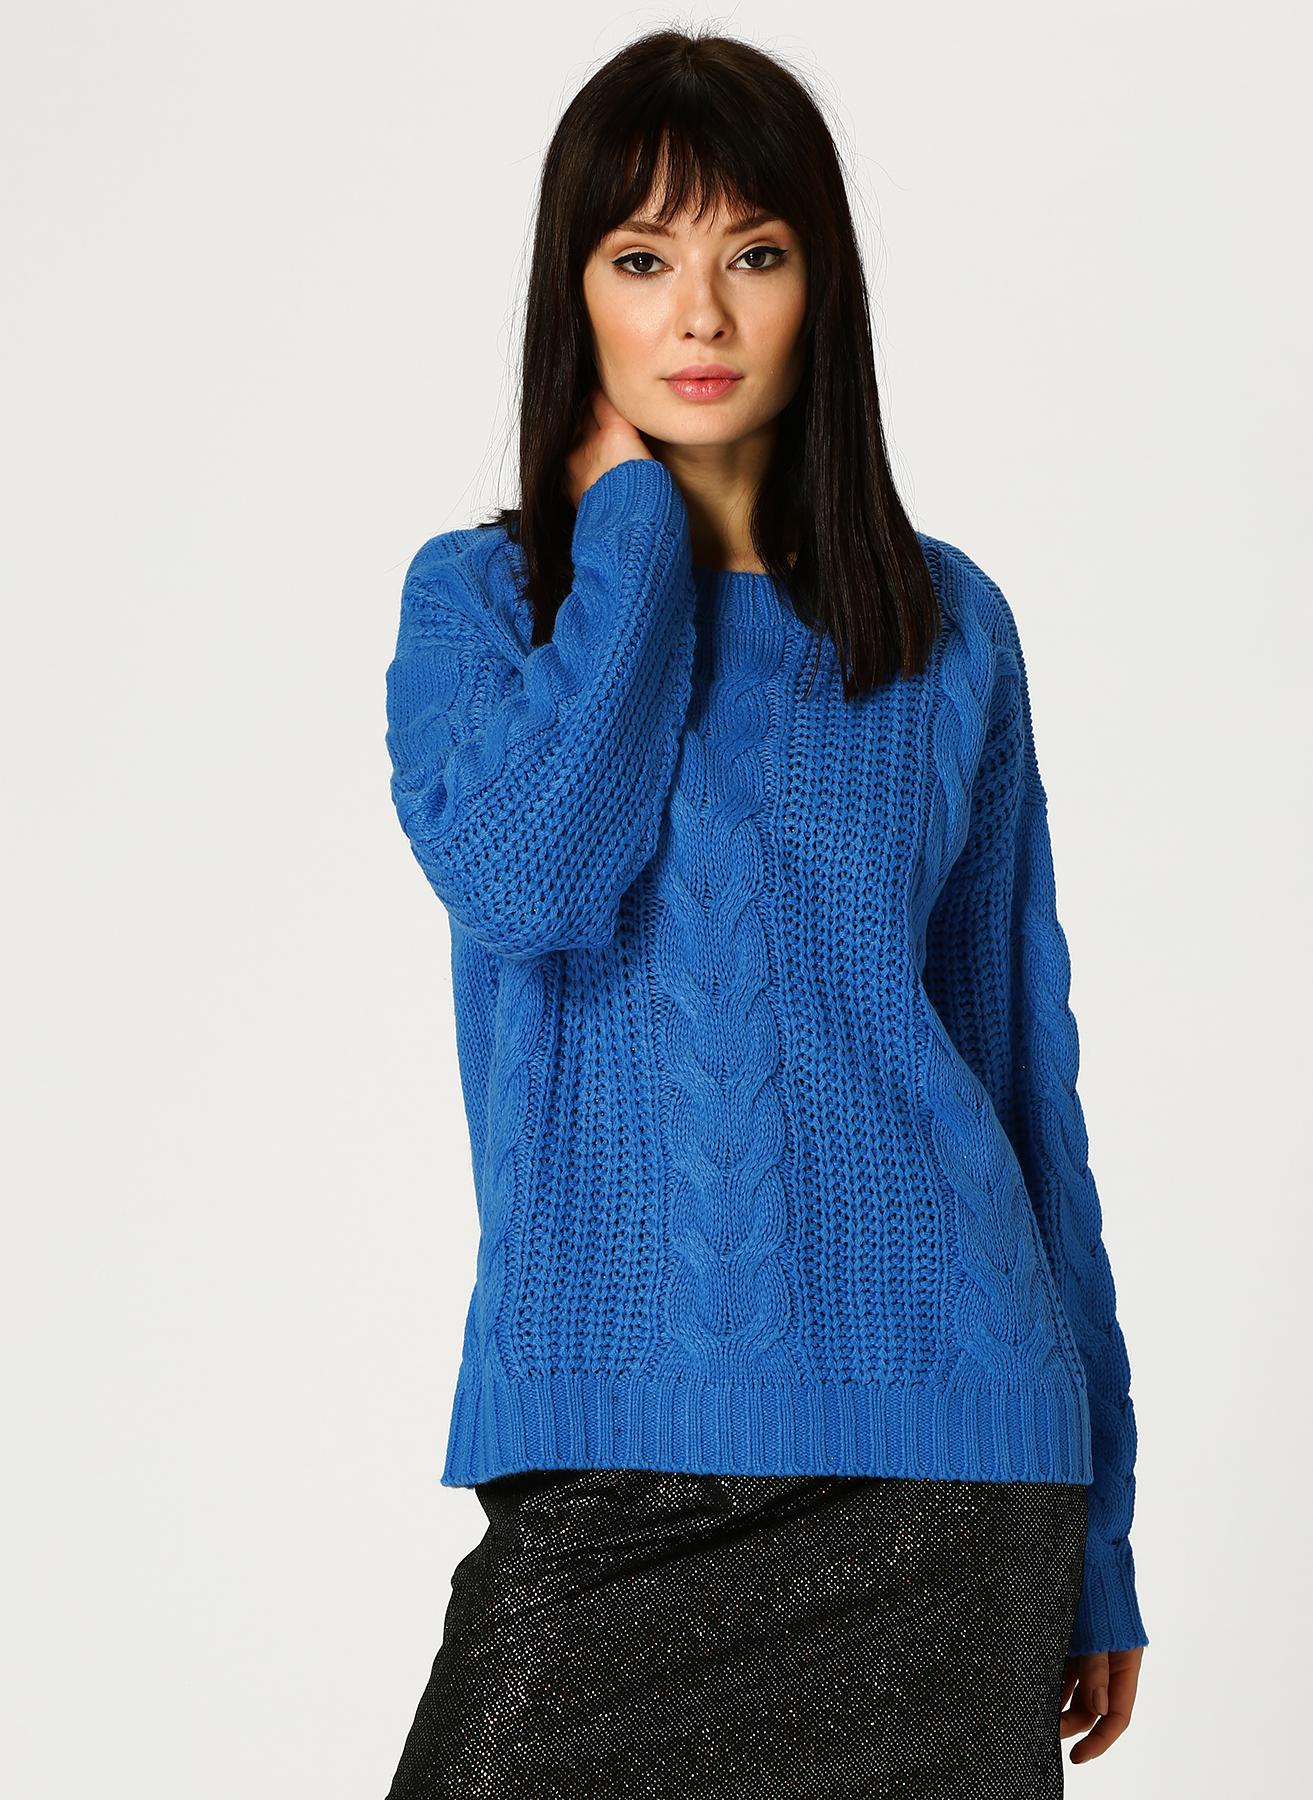 Vero Moda Mavi Örgü Kazak XS 5001705277005 Ürün Resmi